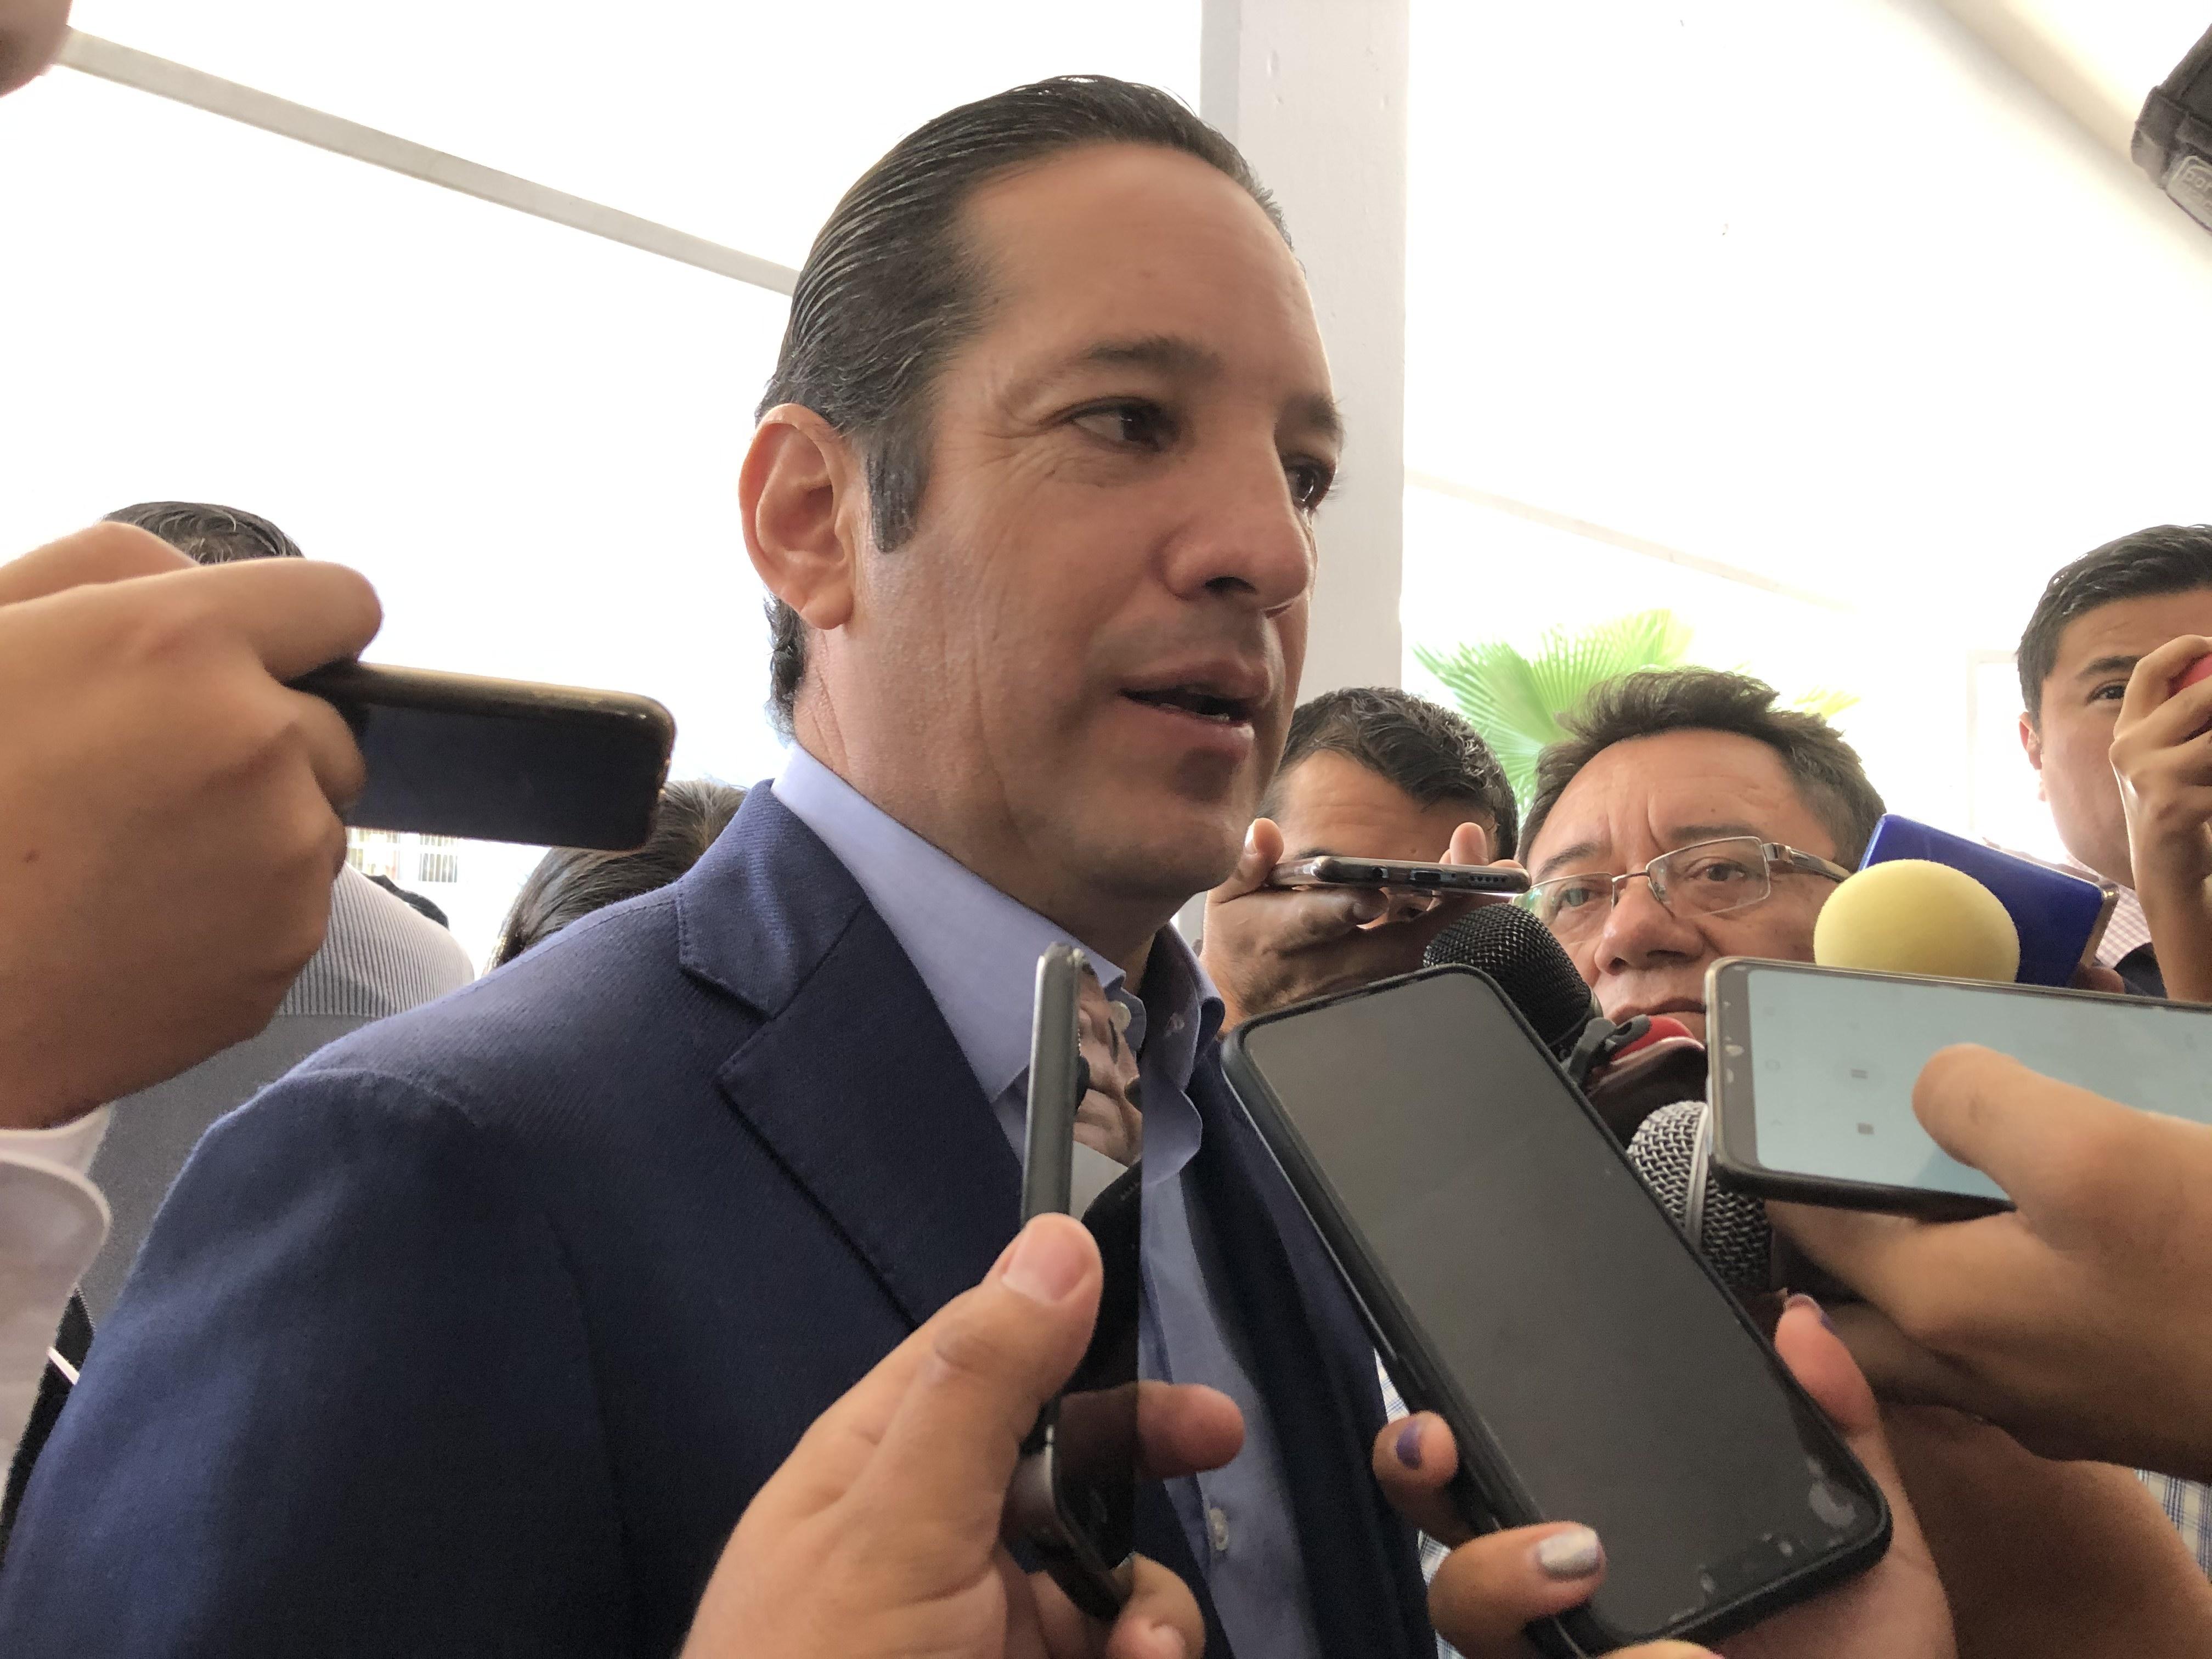 EUA no debe etiquetar violencia en México, considera Pancho Domínguez